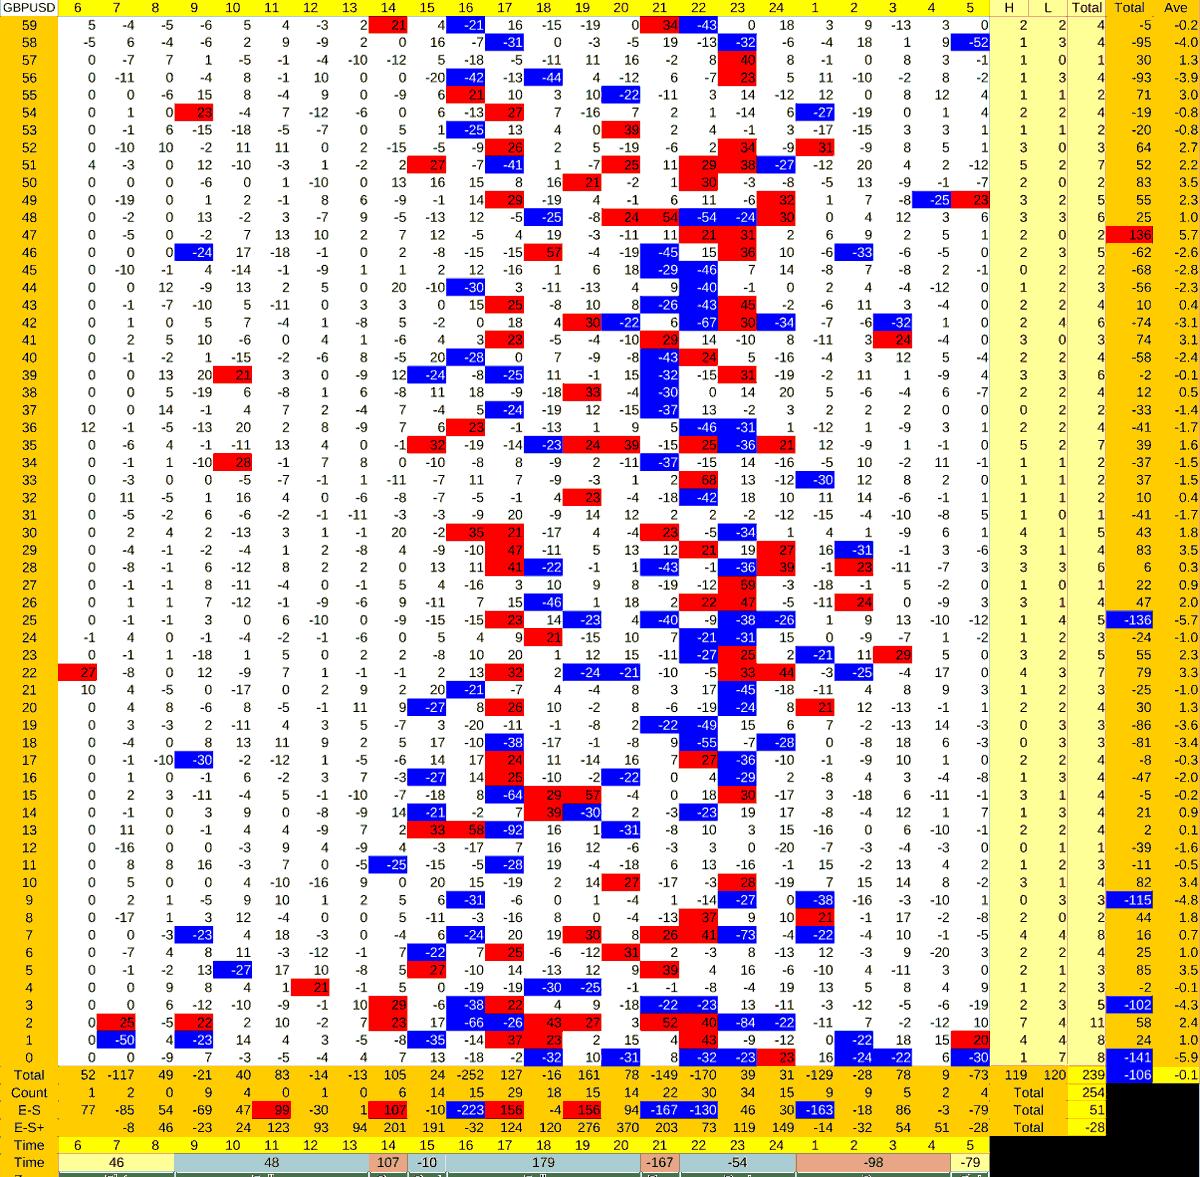 20211012_HS(2)GBPUSD-min